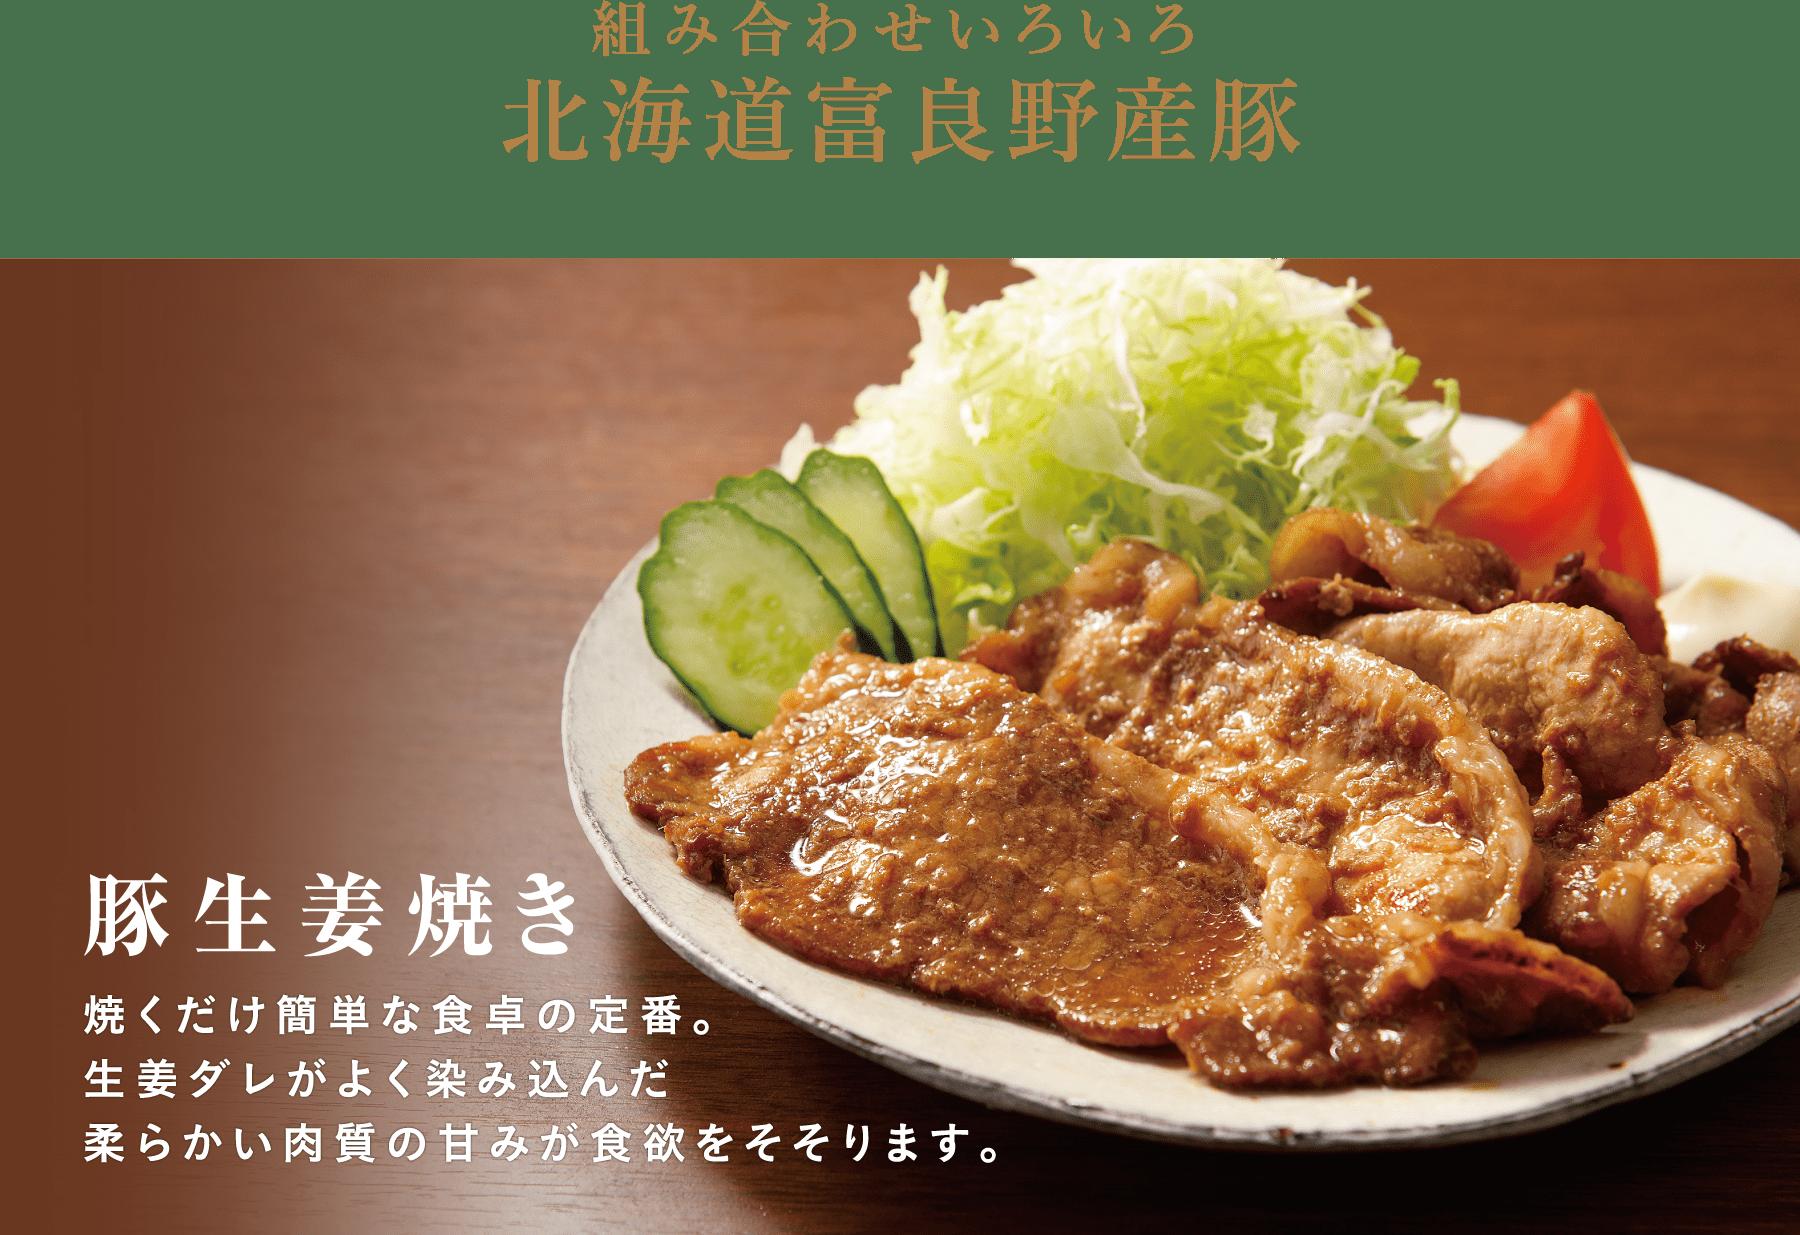 北海道富良野産豚肉セット(10食入り)※生姜焼き※ジンギスカン※豚丼のなかから2種類(5食×2)